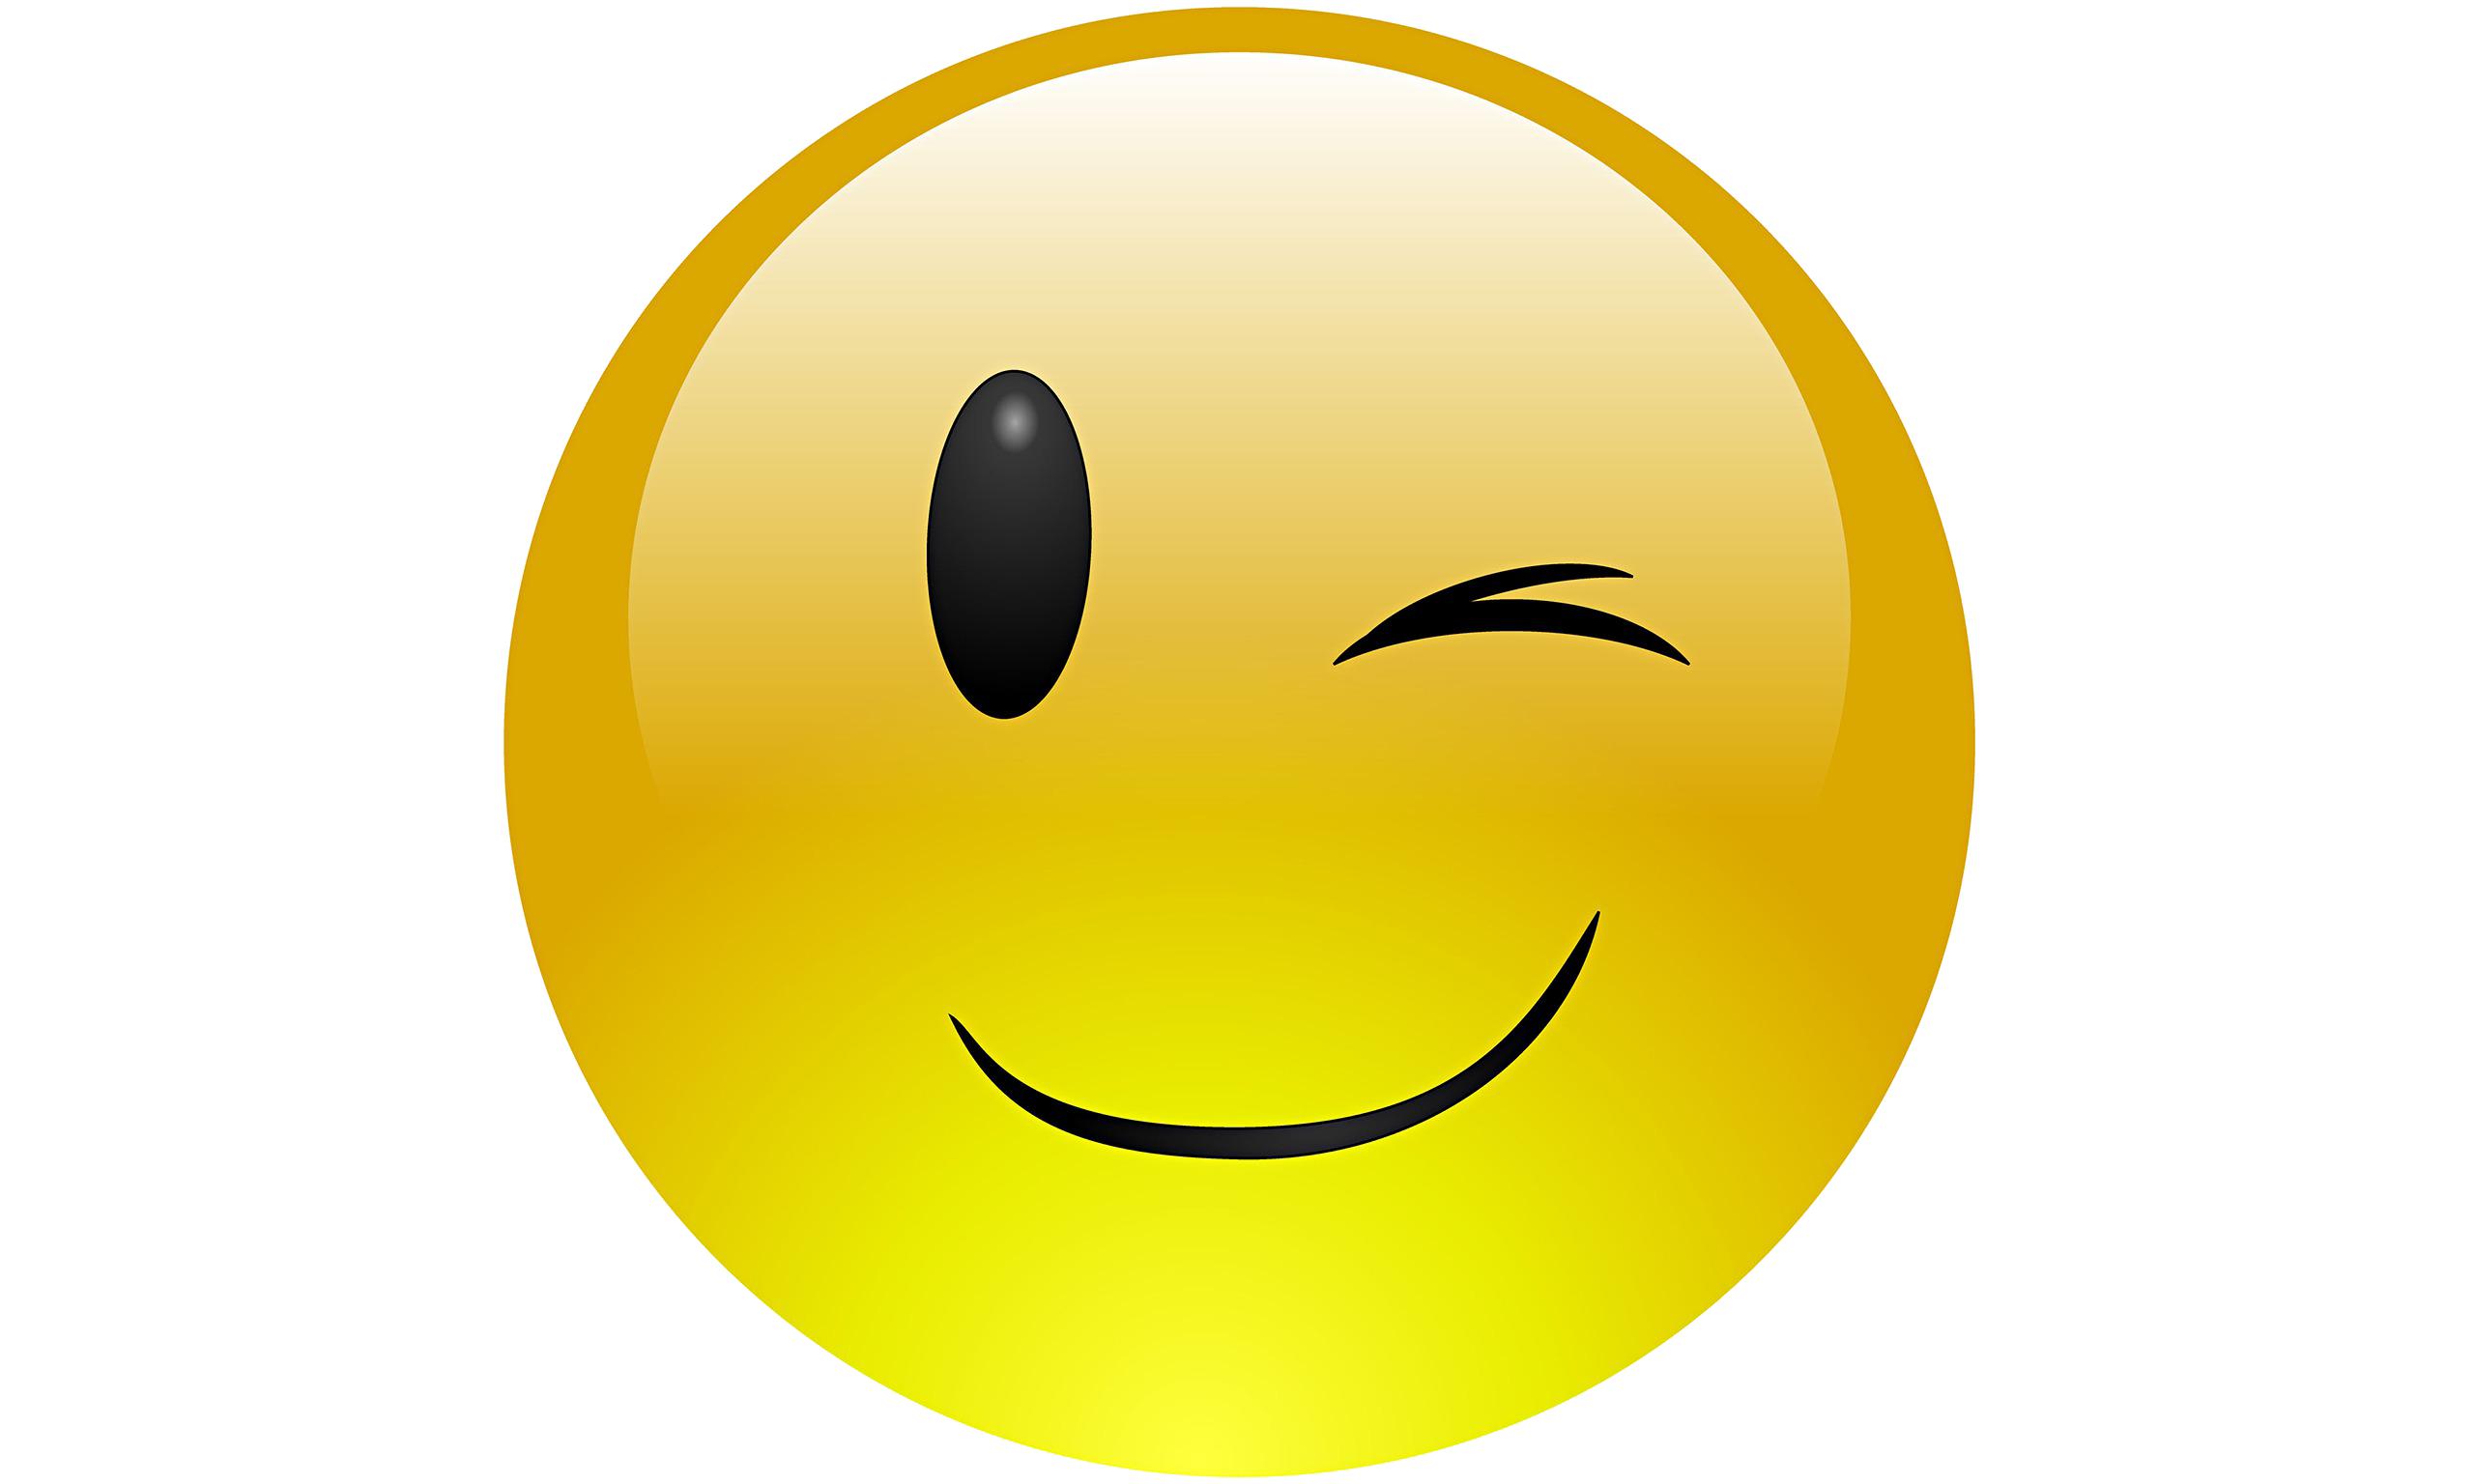 Wink Smiley Emoji Emoticon Clip art.